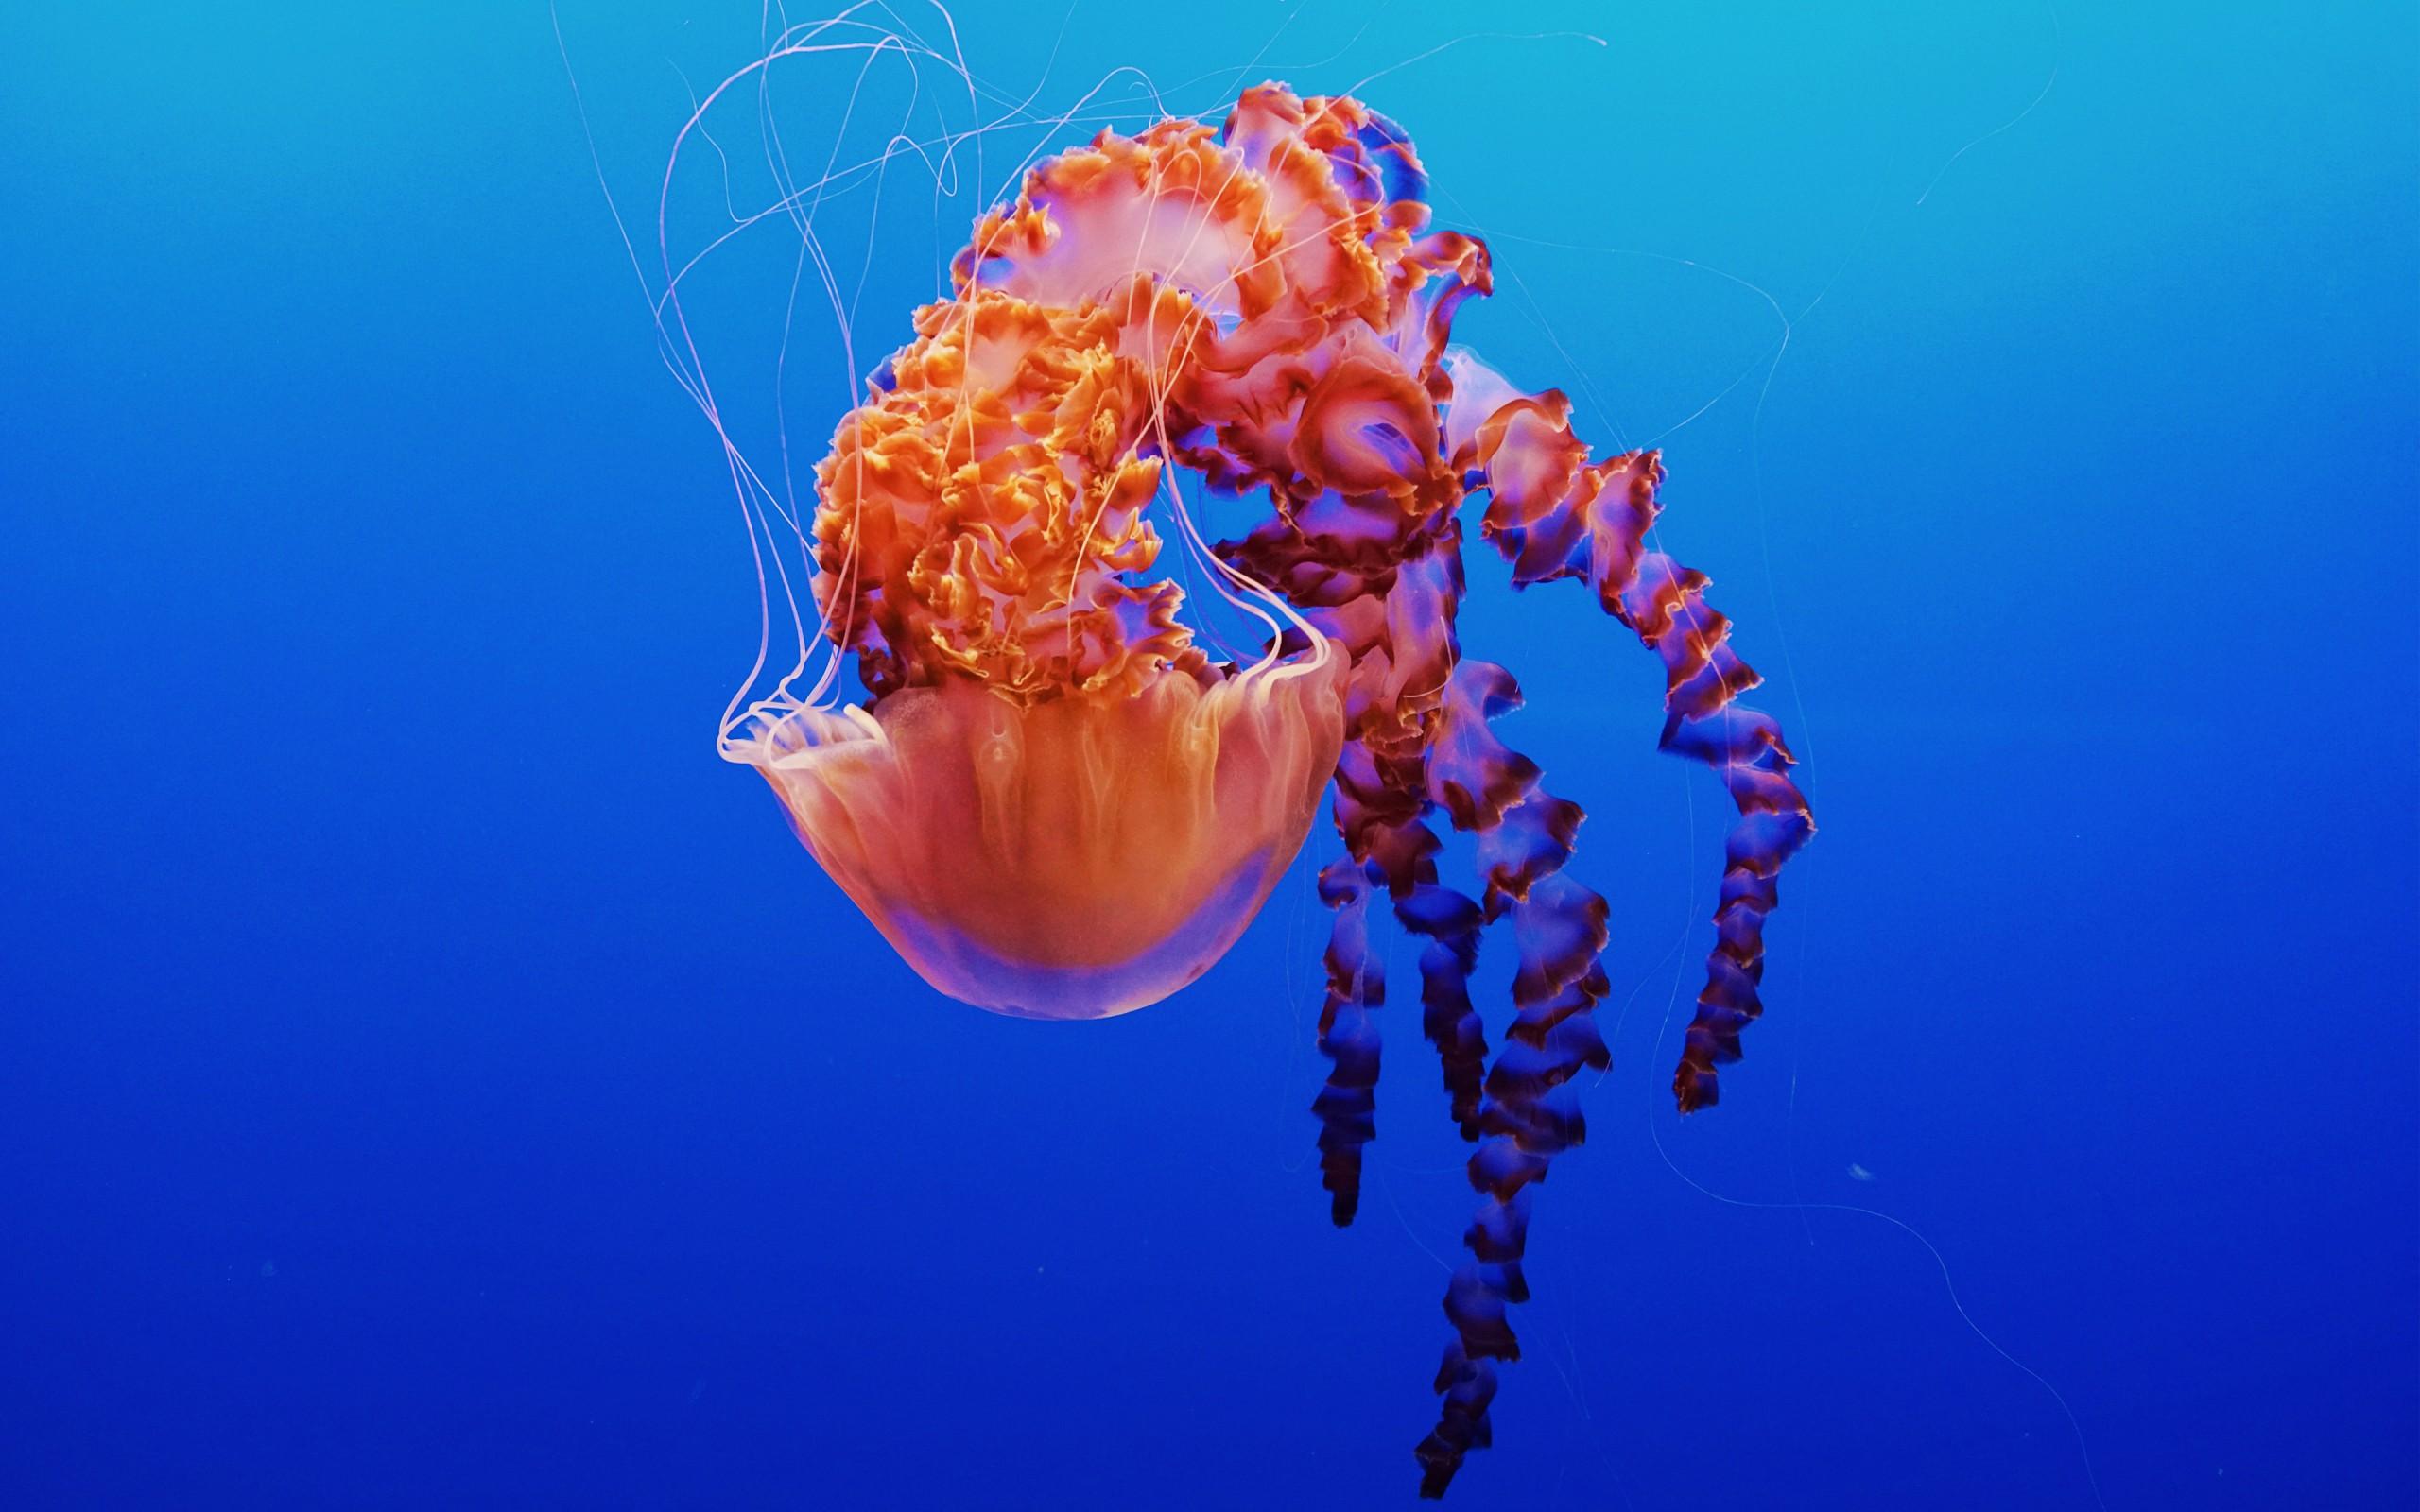 Coral Reef Wallpaper Hd Jellyfish In Monterey Bay Aquarium 4k Wallpapers Hd